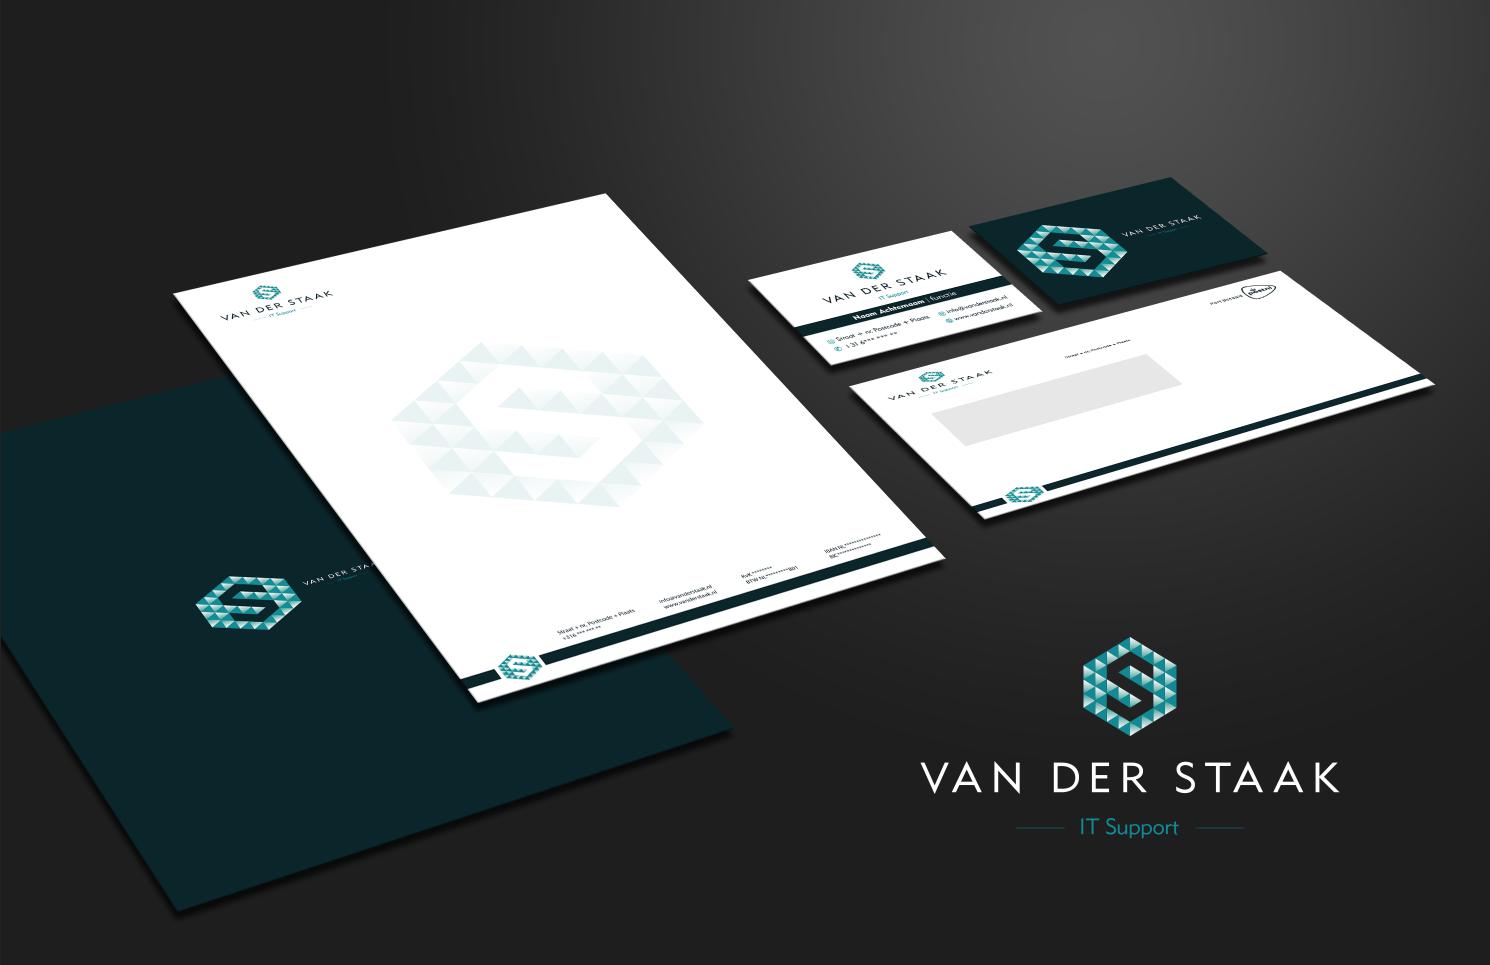 van-der-staak